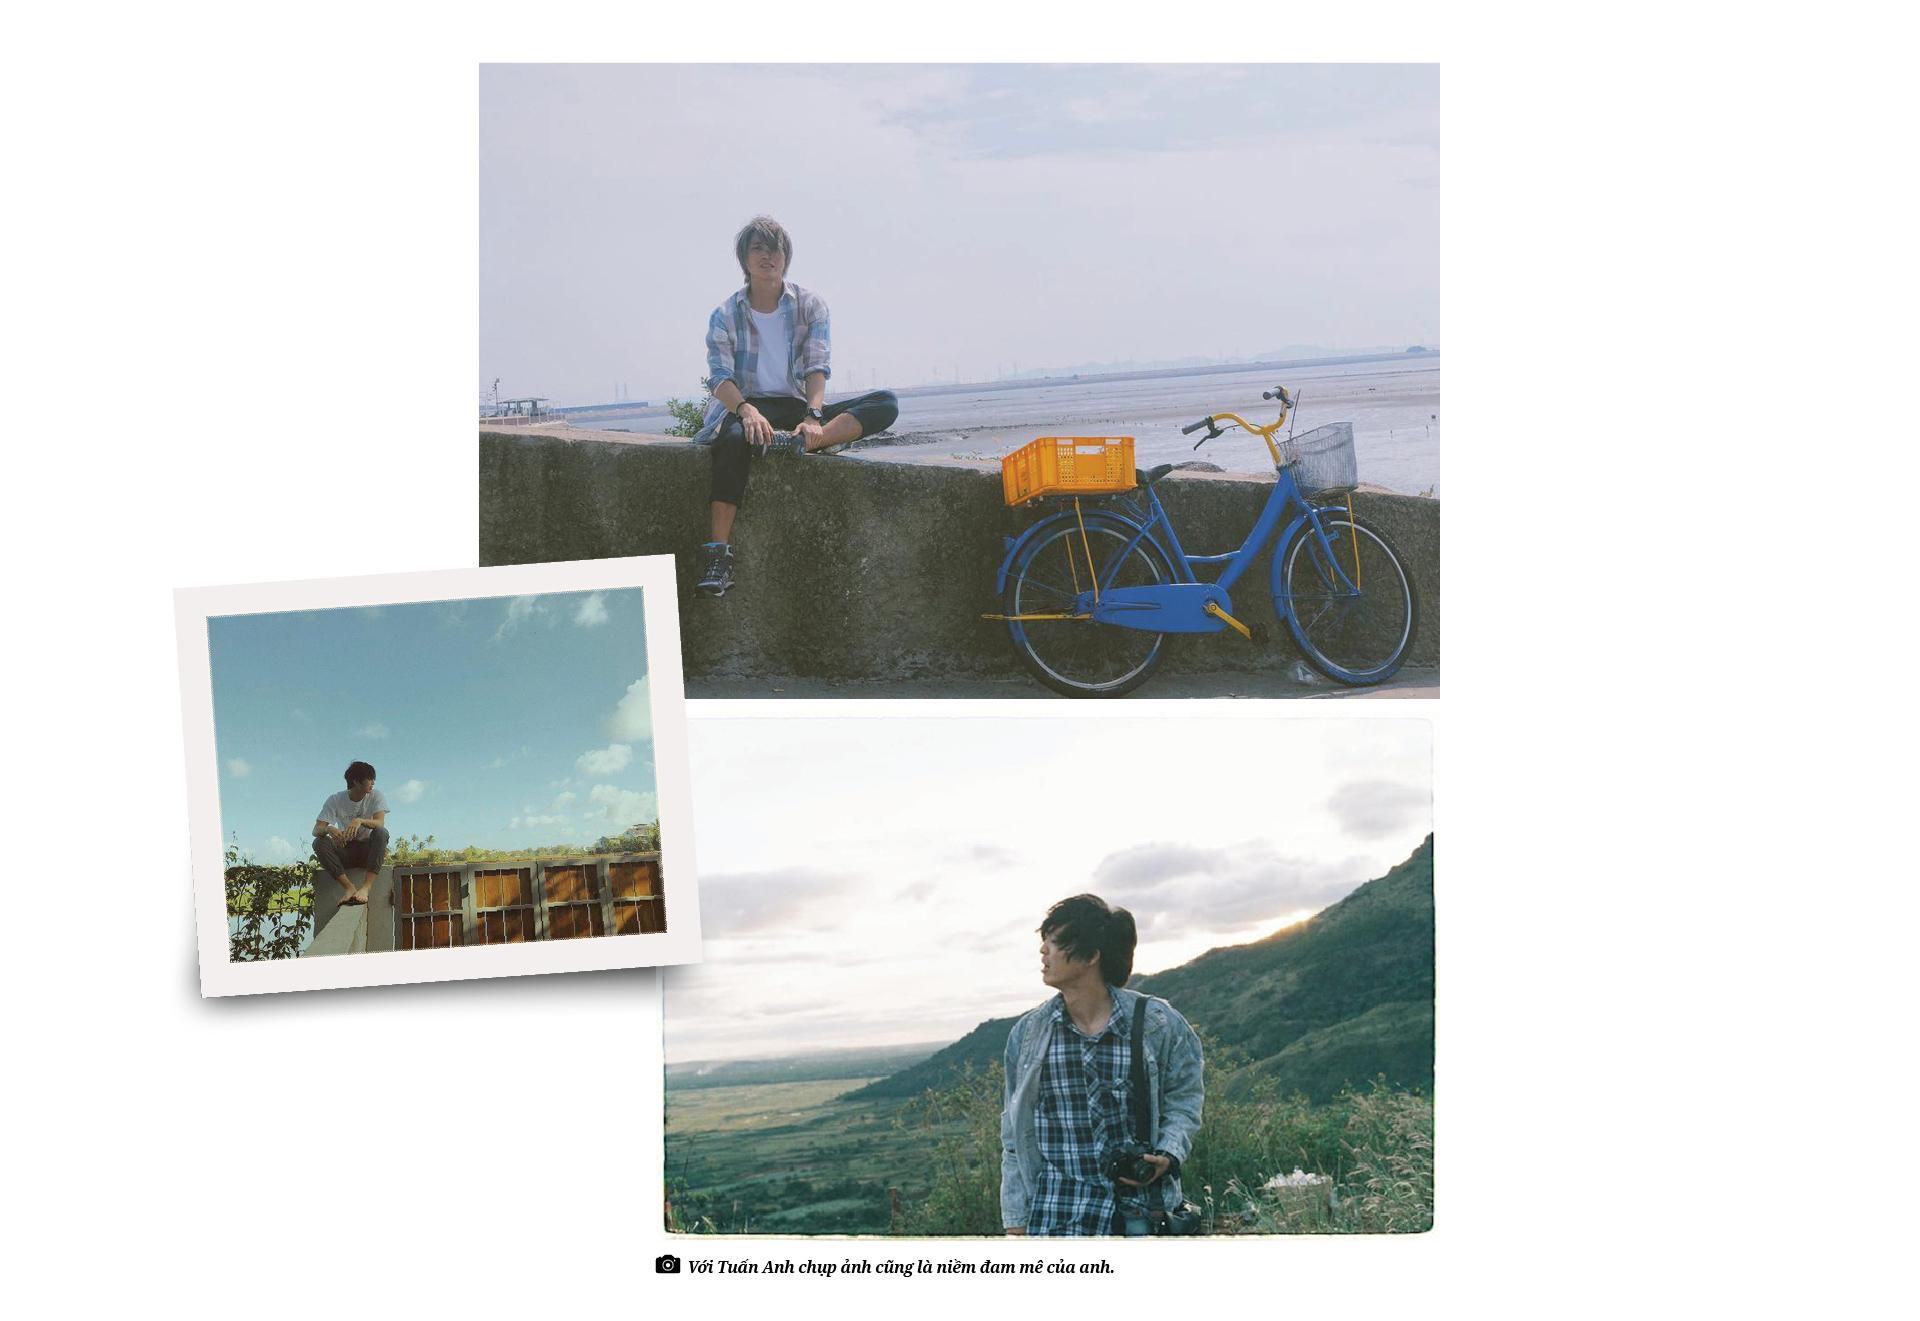 Nguyễn Tuấn Anh và cuộc hành trình đặc biệt của chàng trai mang trái tim lãng tử - Ảnh 6.